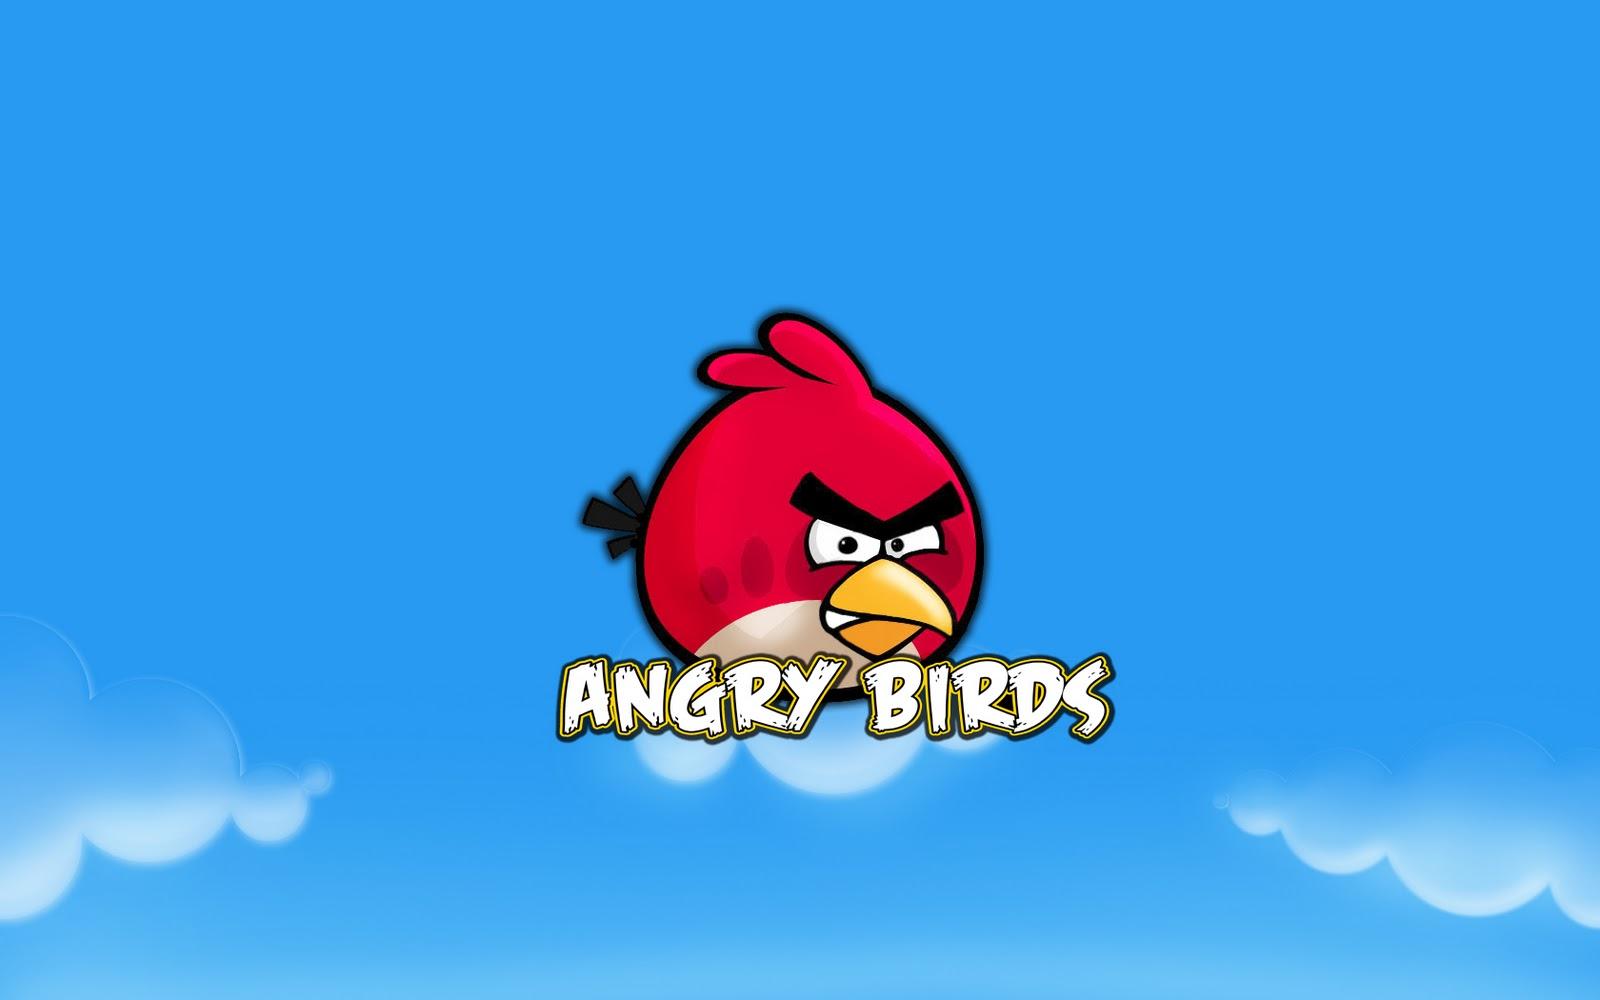 Angry Bird Wallpaper Art Poster Hd Zeromin0